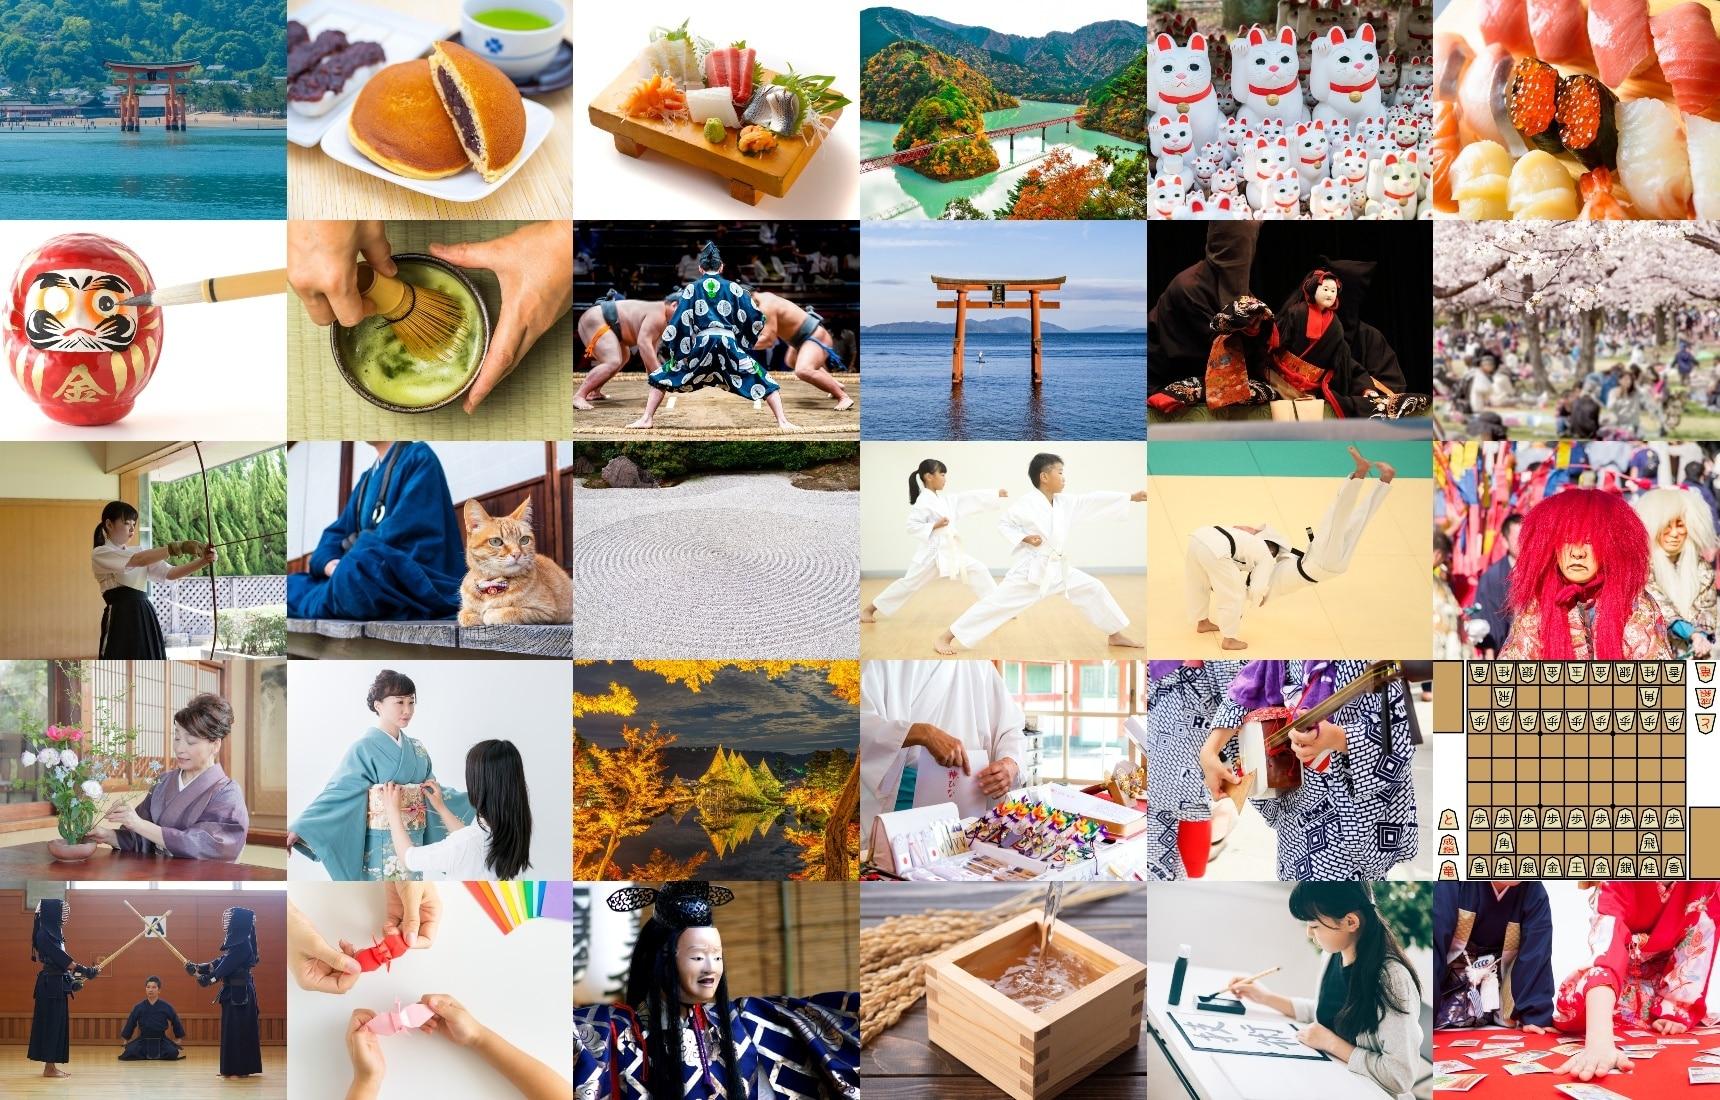 รู้จัก 30 วัฒนธรรมญี่ปุ่นน่ารู้